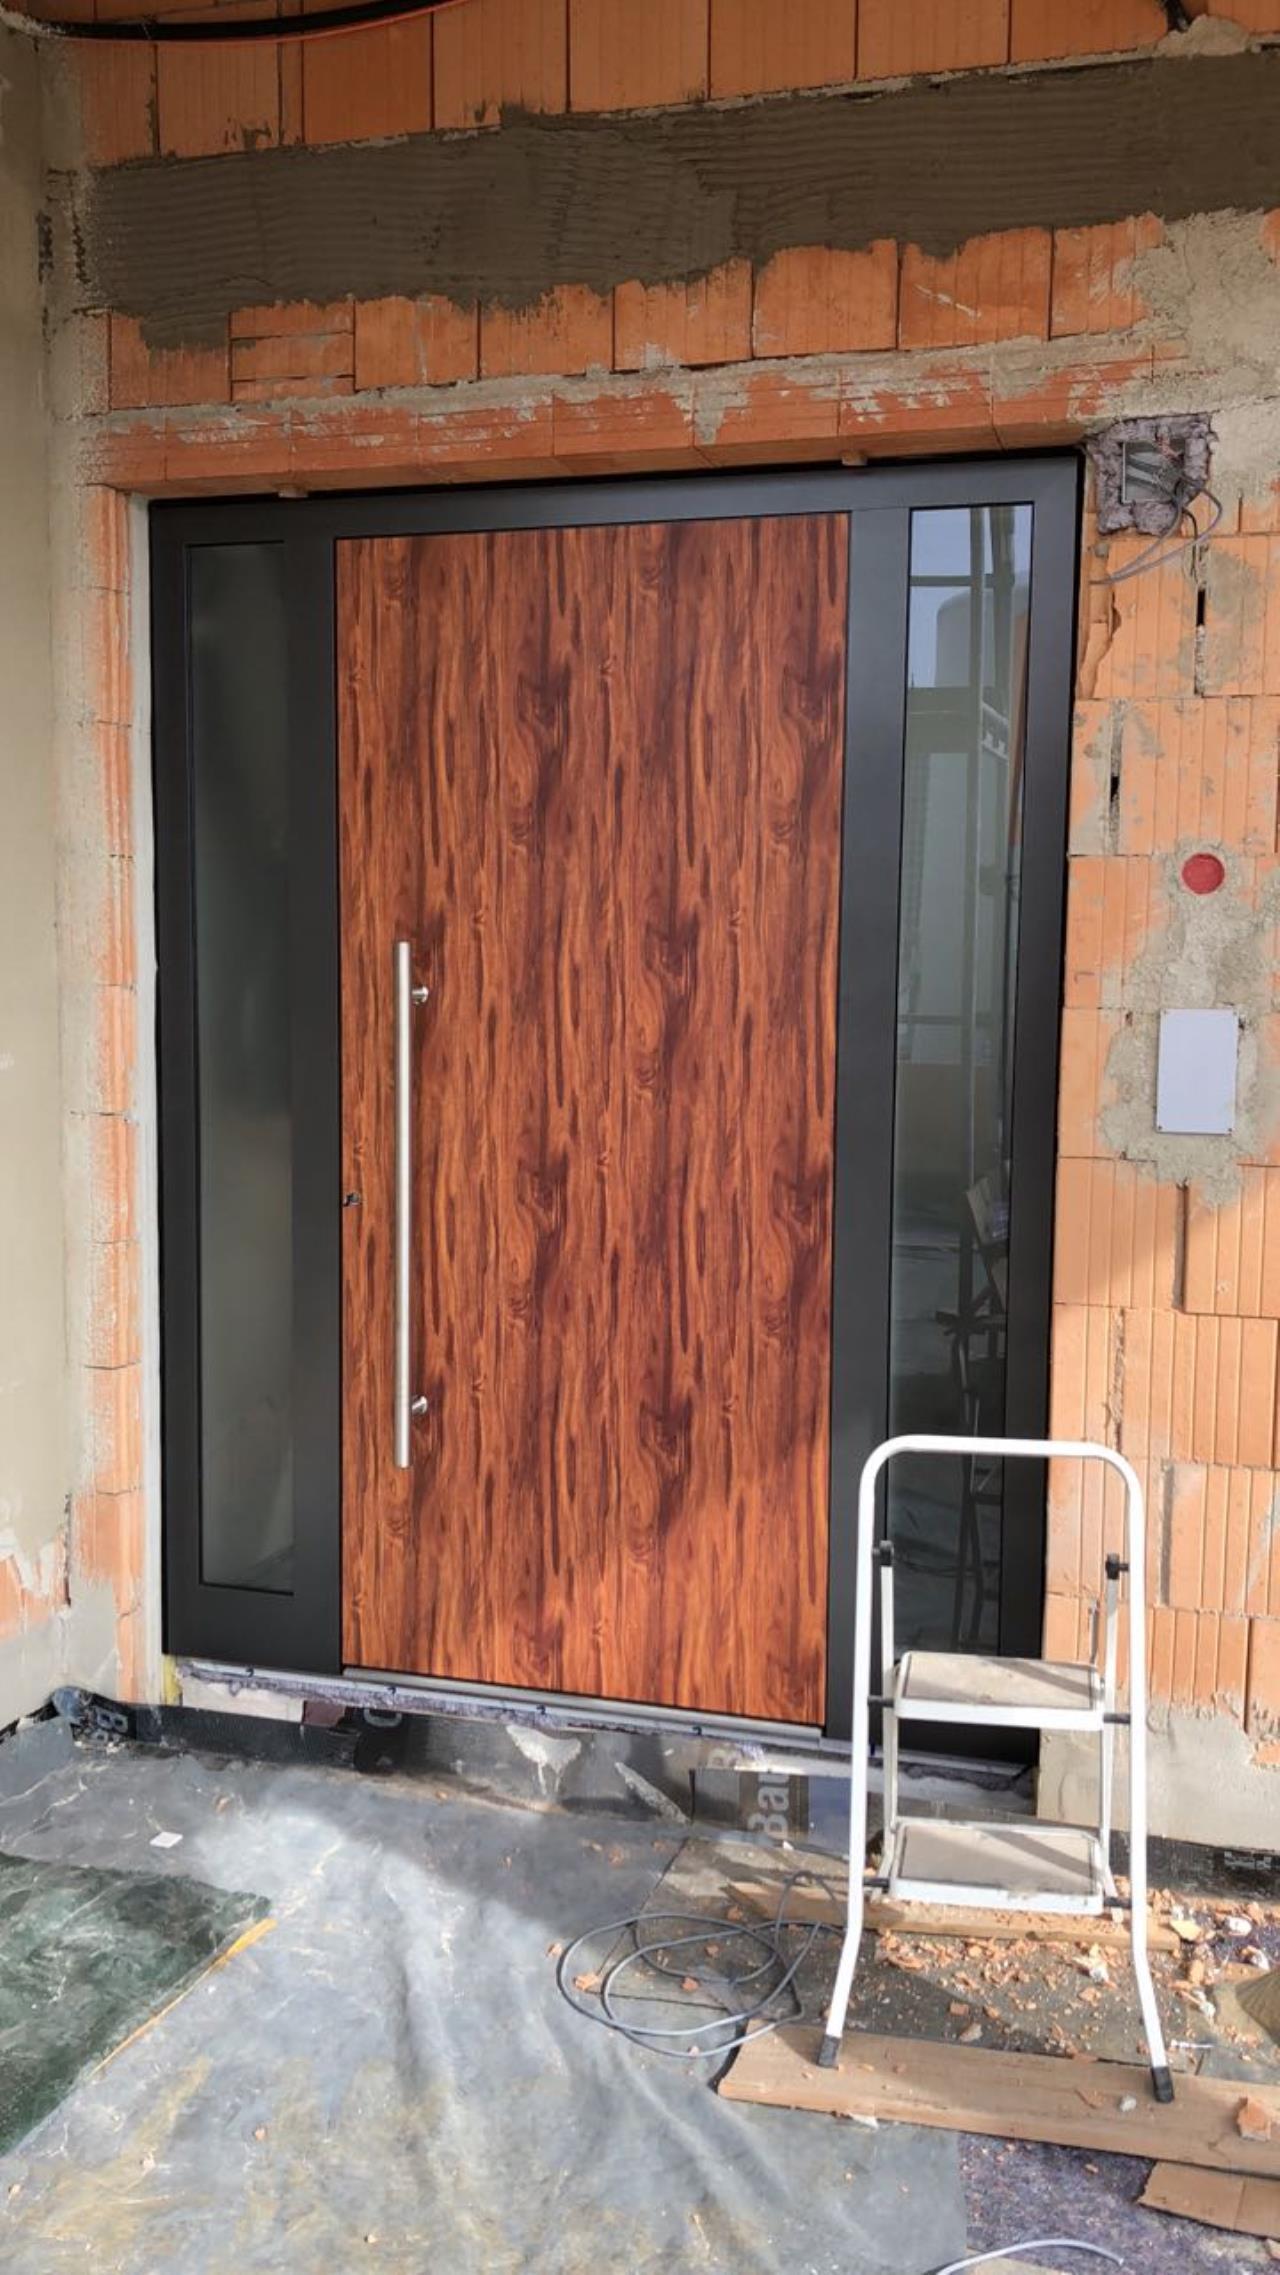 Relativ Haustür steht auf (Heiz-) Estrich? | Bauforum auf energiesparhaus.at MO06